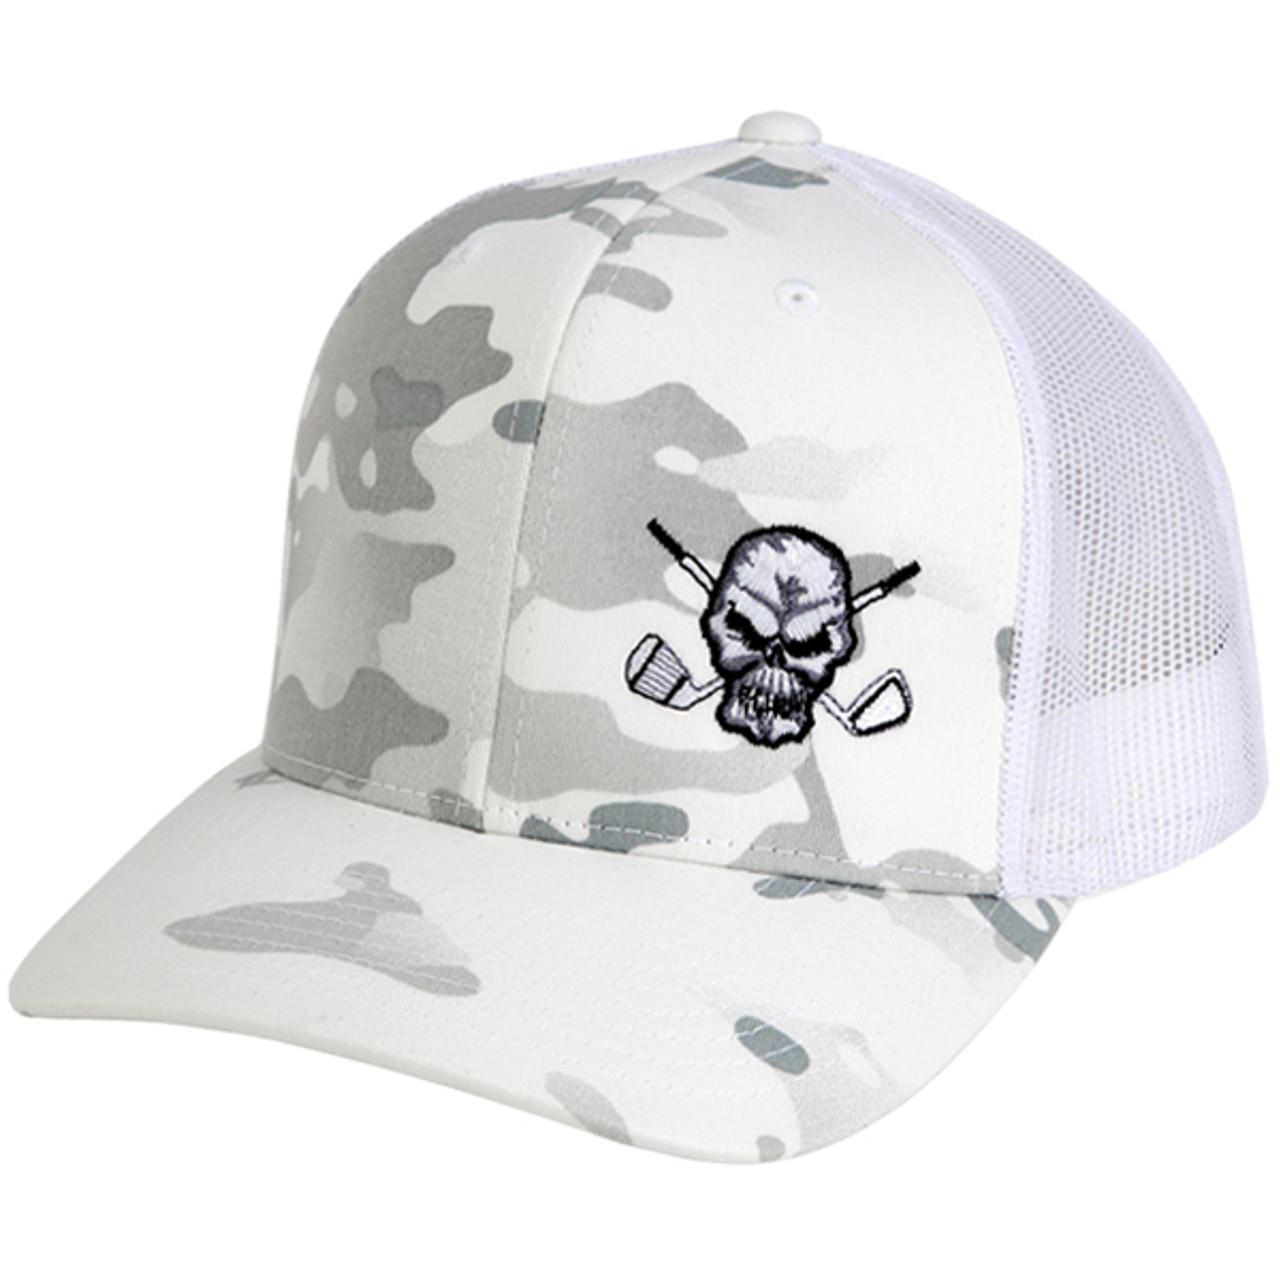 Hers skull hat